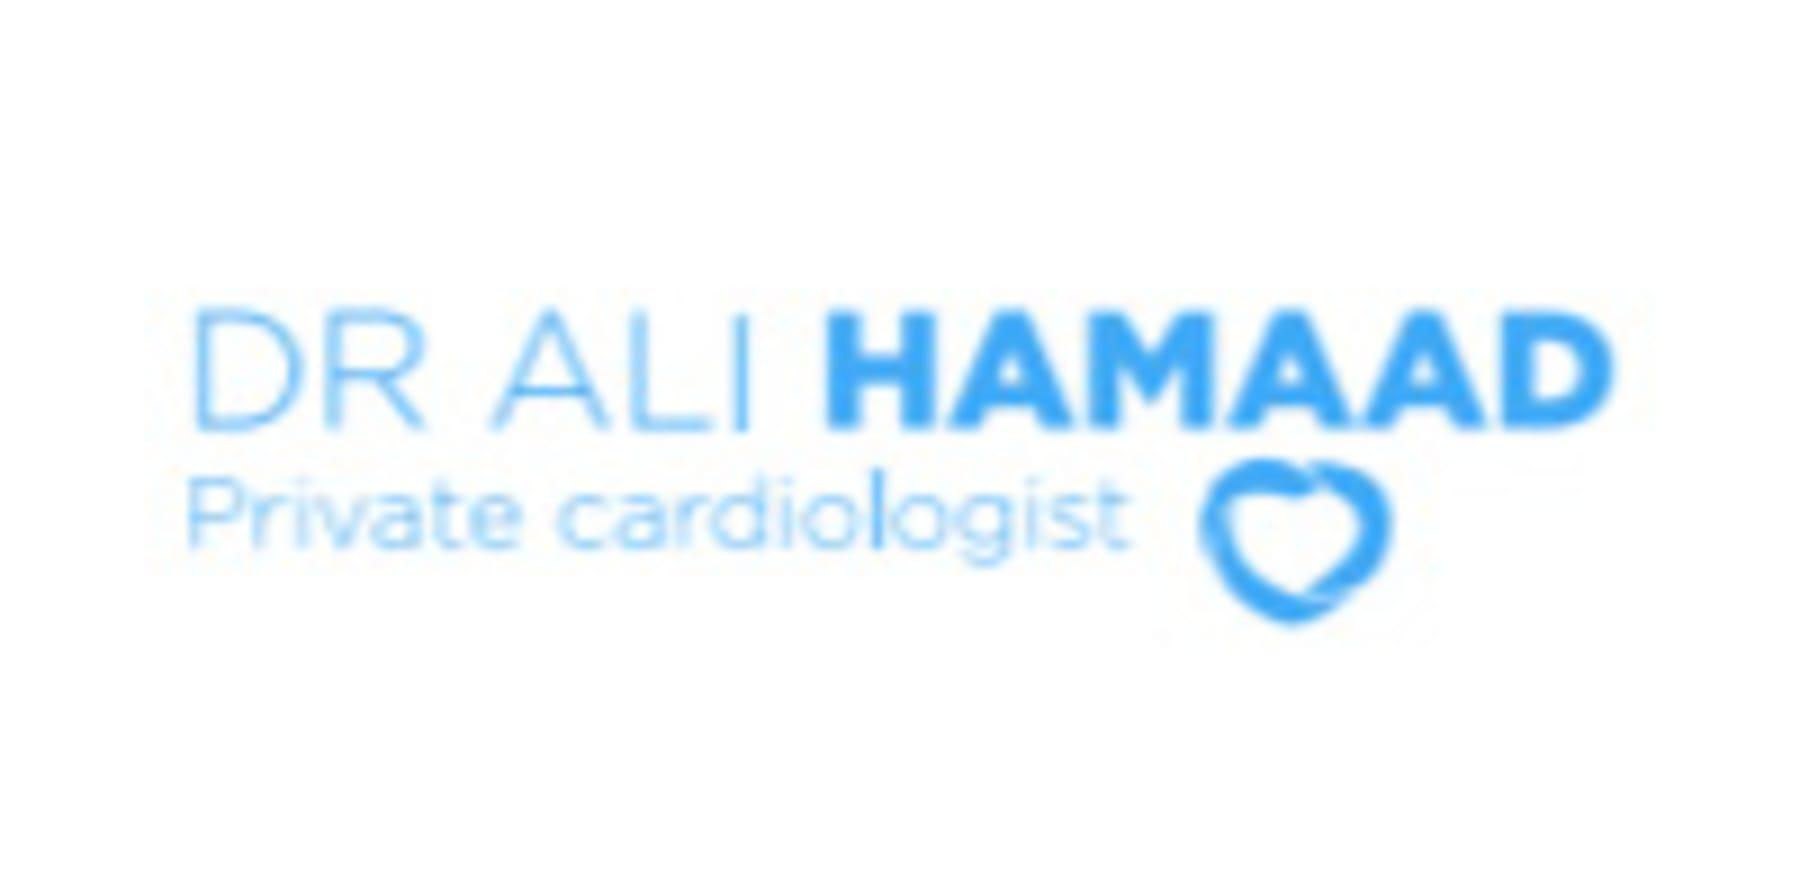 Birmingham Cardiology